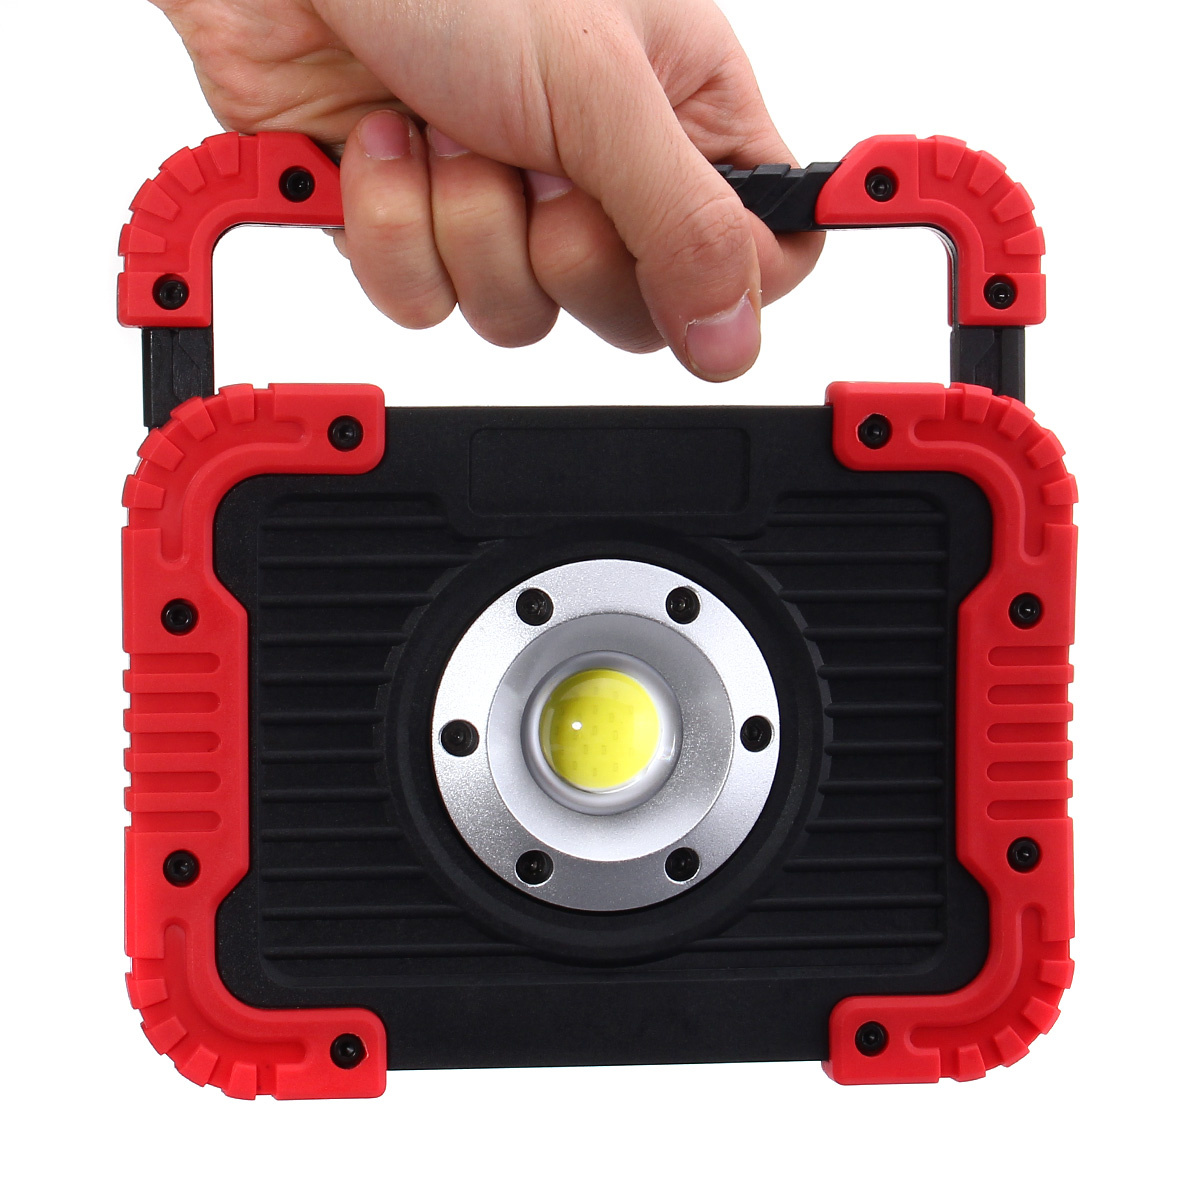 Versprechende 30 Watt COB LED Arbeitslicht Flutlicht Taschenlampe Camping Scheinwerfer Suchscheinwerfer Eingebaute Wiederaufladbare Li-Batterien Mit USB